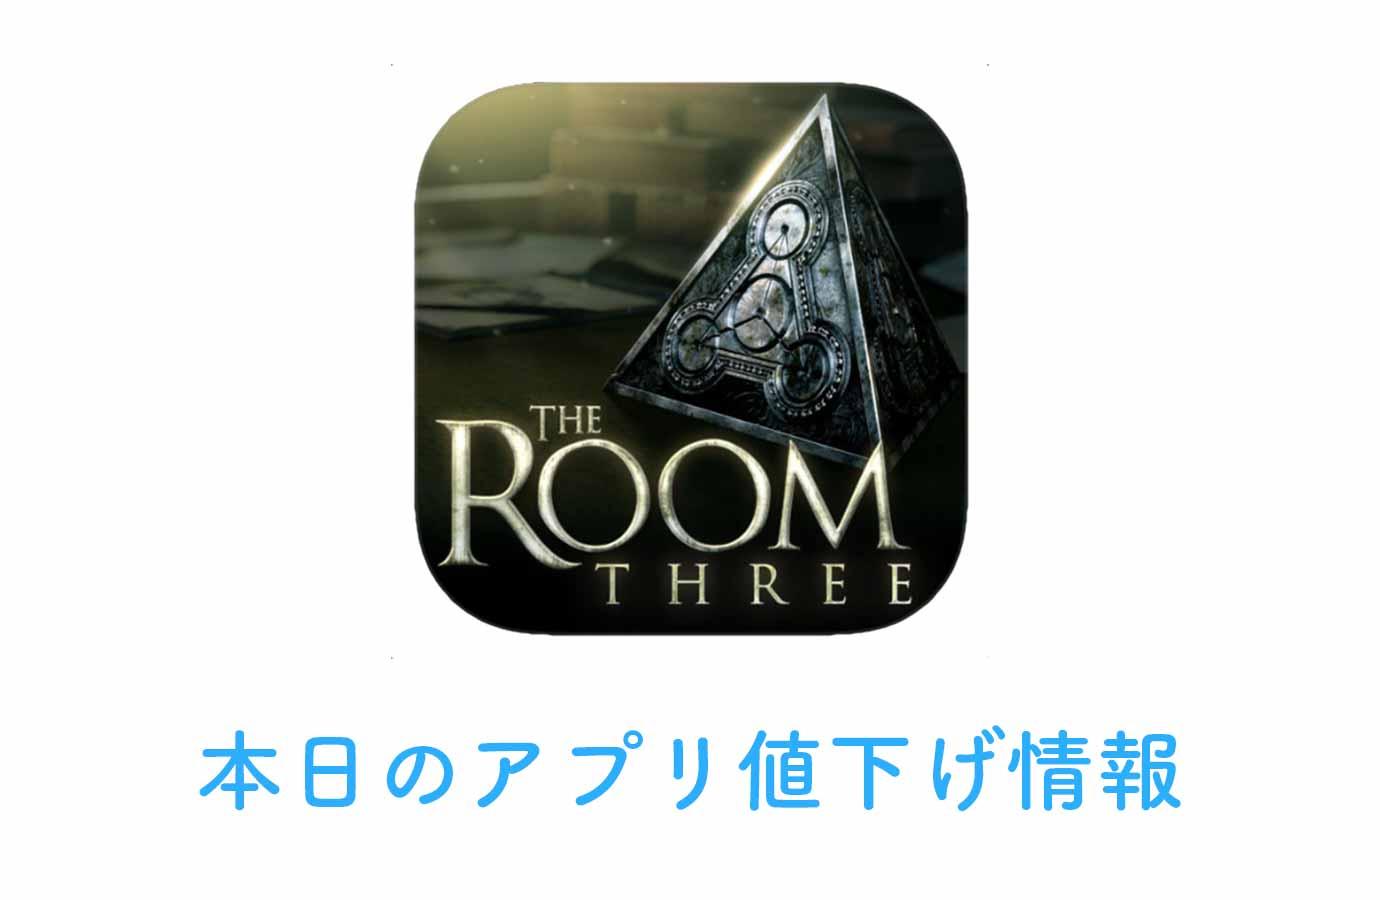 600円→250円!人気謎解きアドベンチャー「The Room Three」など【12/26】アプリ値下げ情報